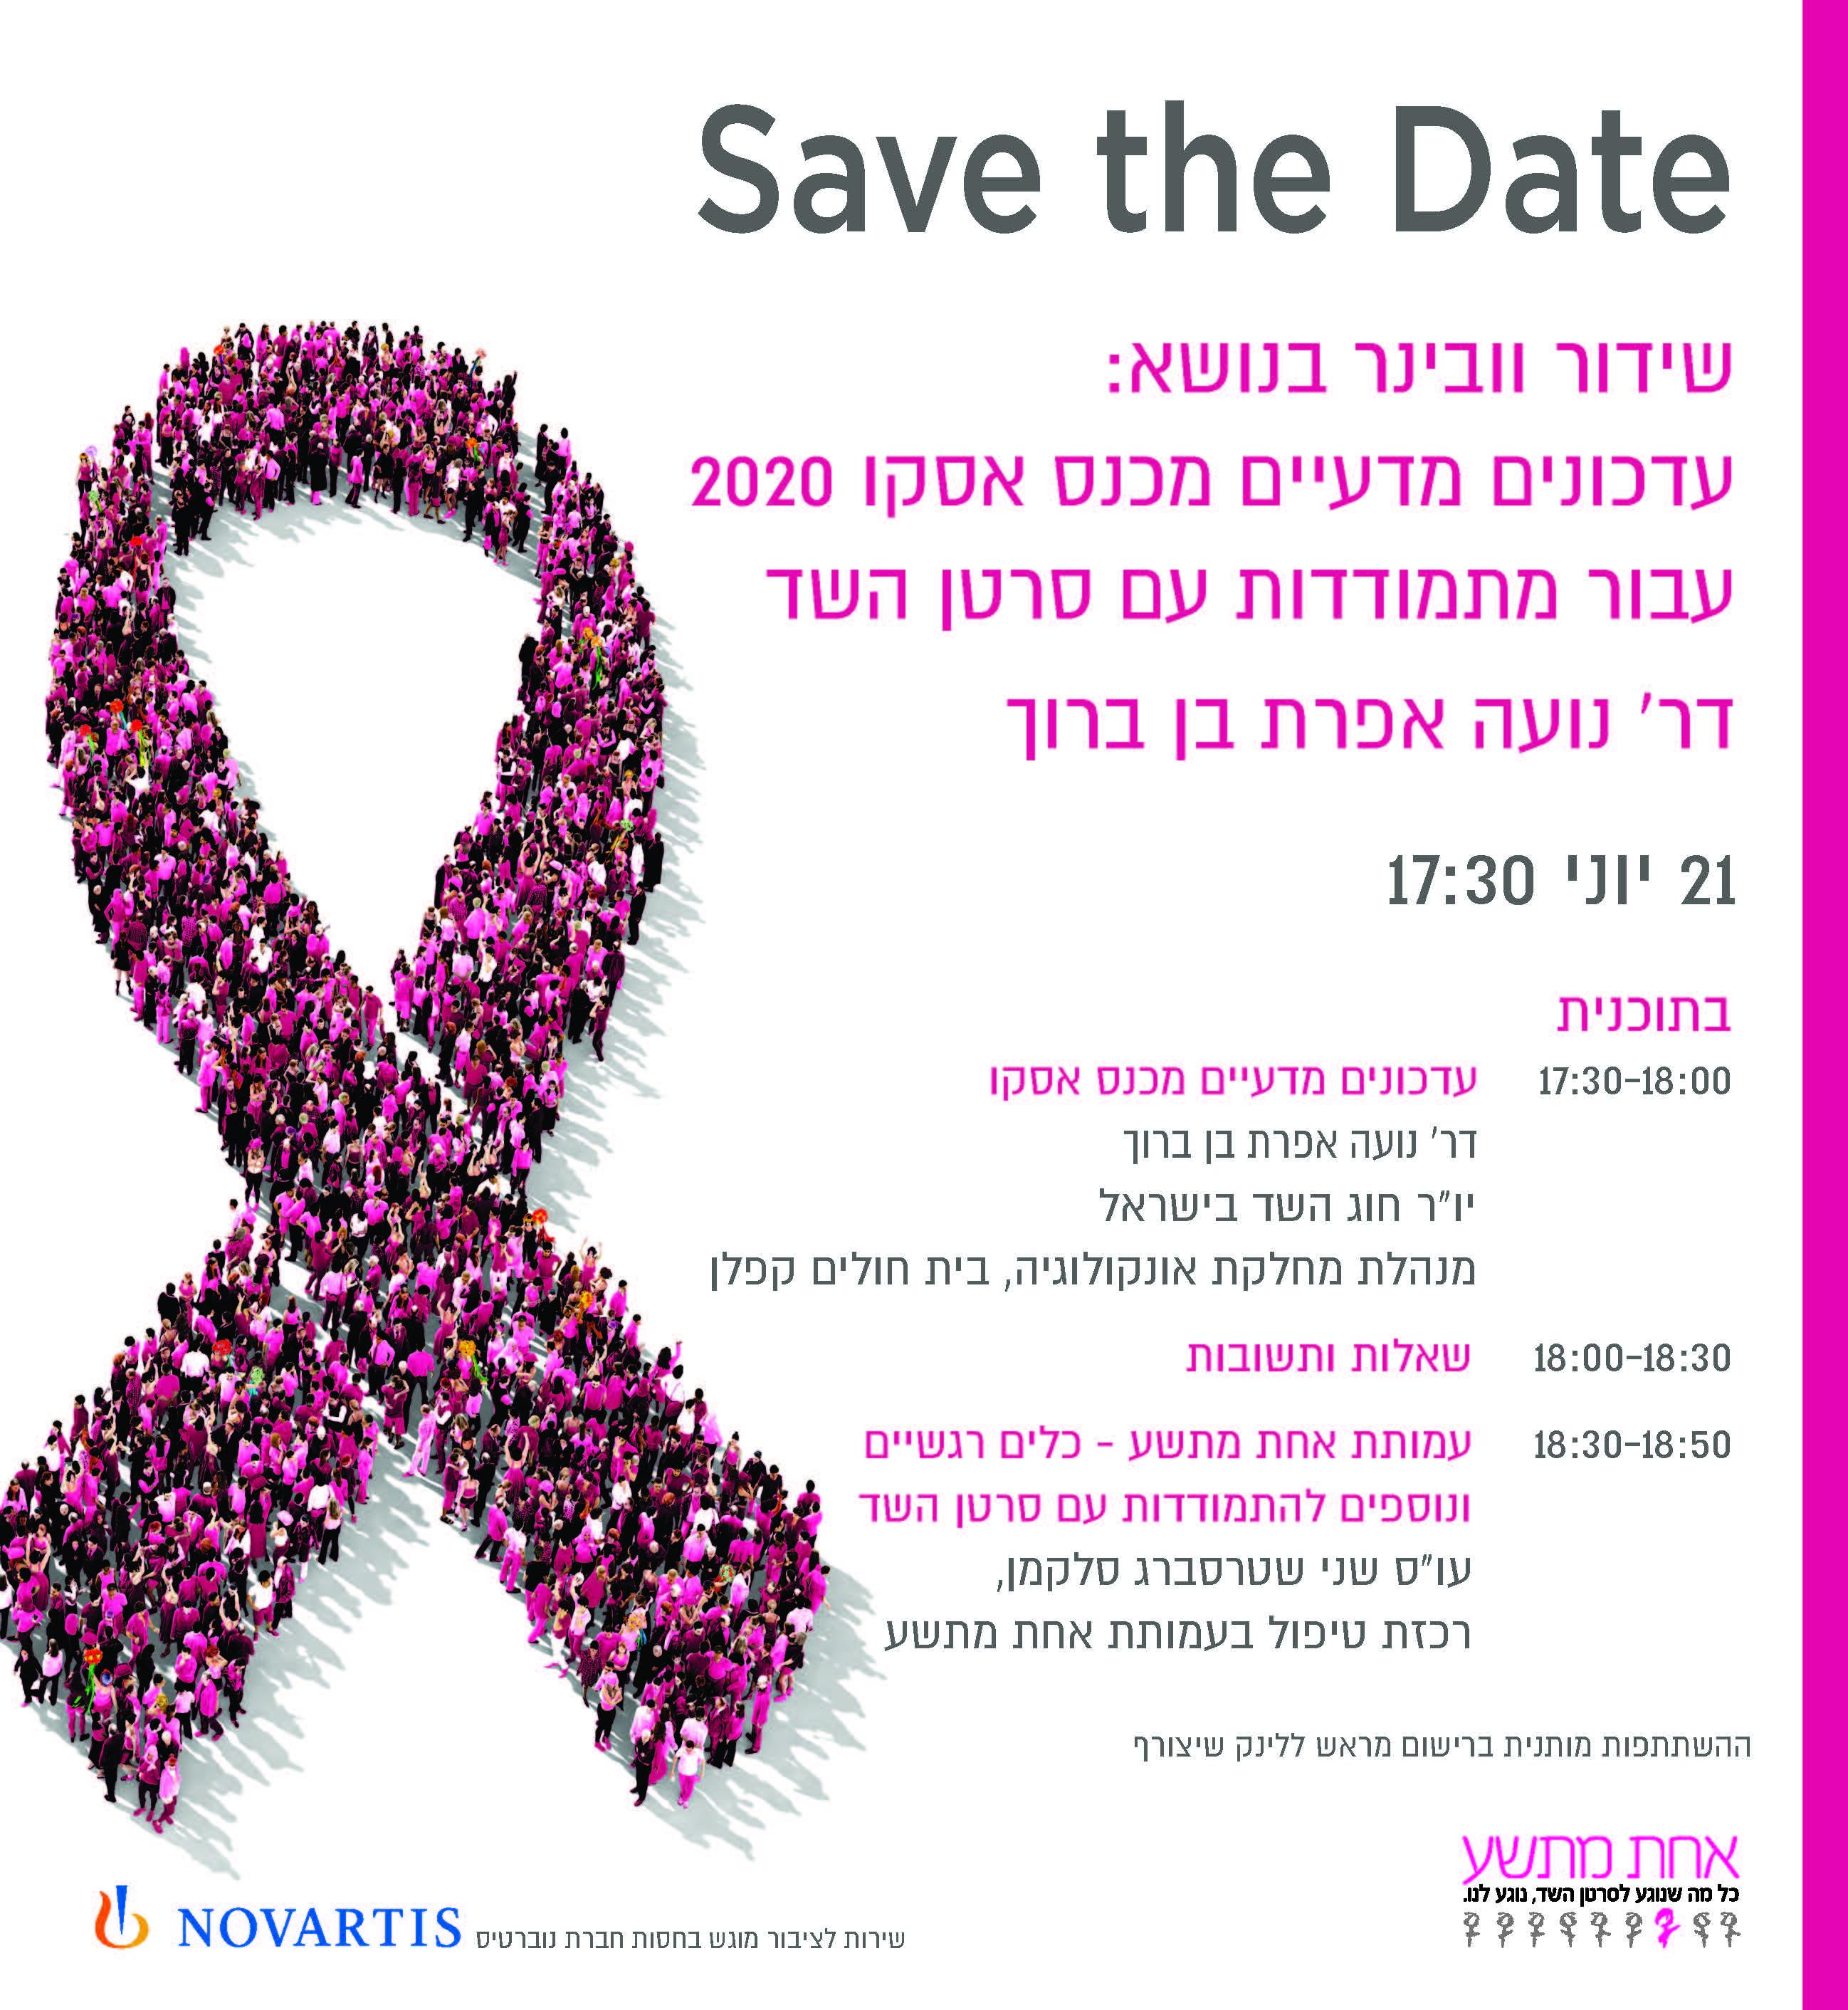 הזמנה לוובינר בנושא חידושים בסרטן השד בעקבות כנס אסקו - 21 ביוני בשעה 17:30. בתוכנית: 17:30-18:00- עדכונים מדעיים מכנס אסקו, ד